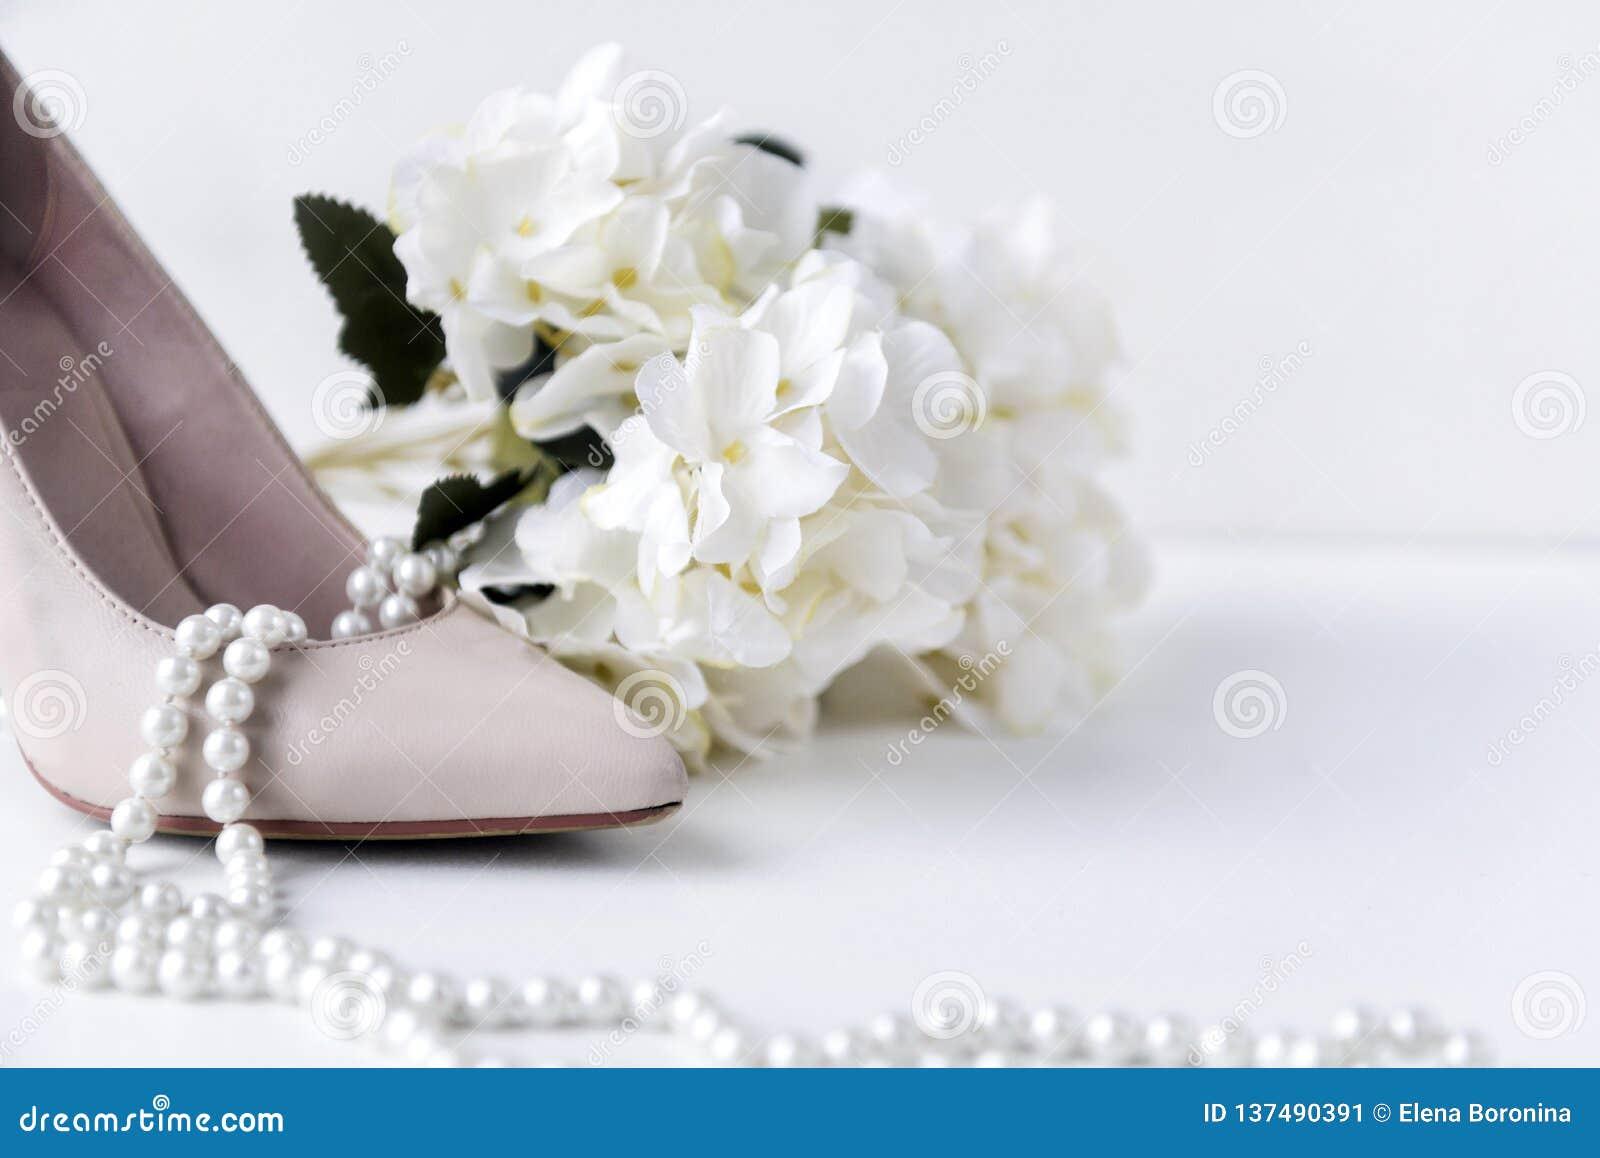 Vita kvinnors fartygsko, pärla, halsband, blomma, vanlig hortensia, skor